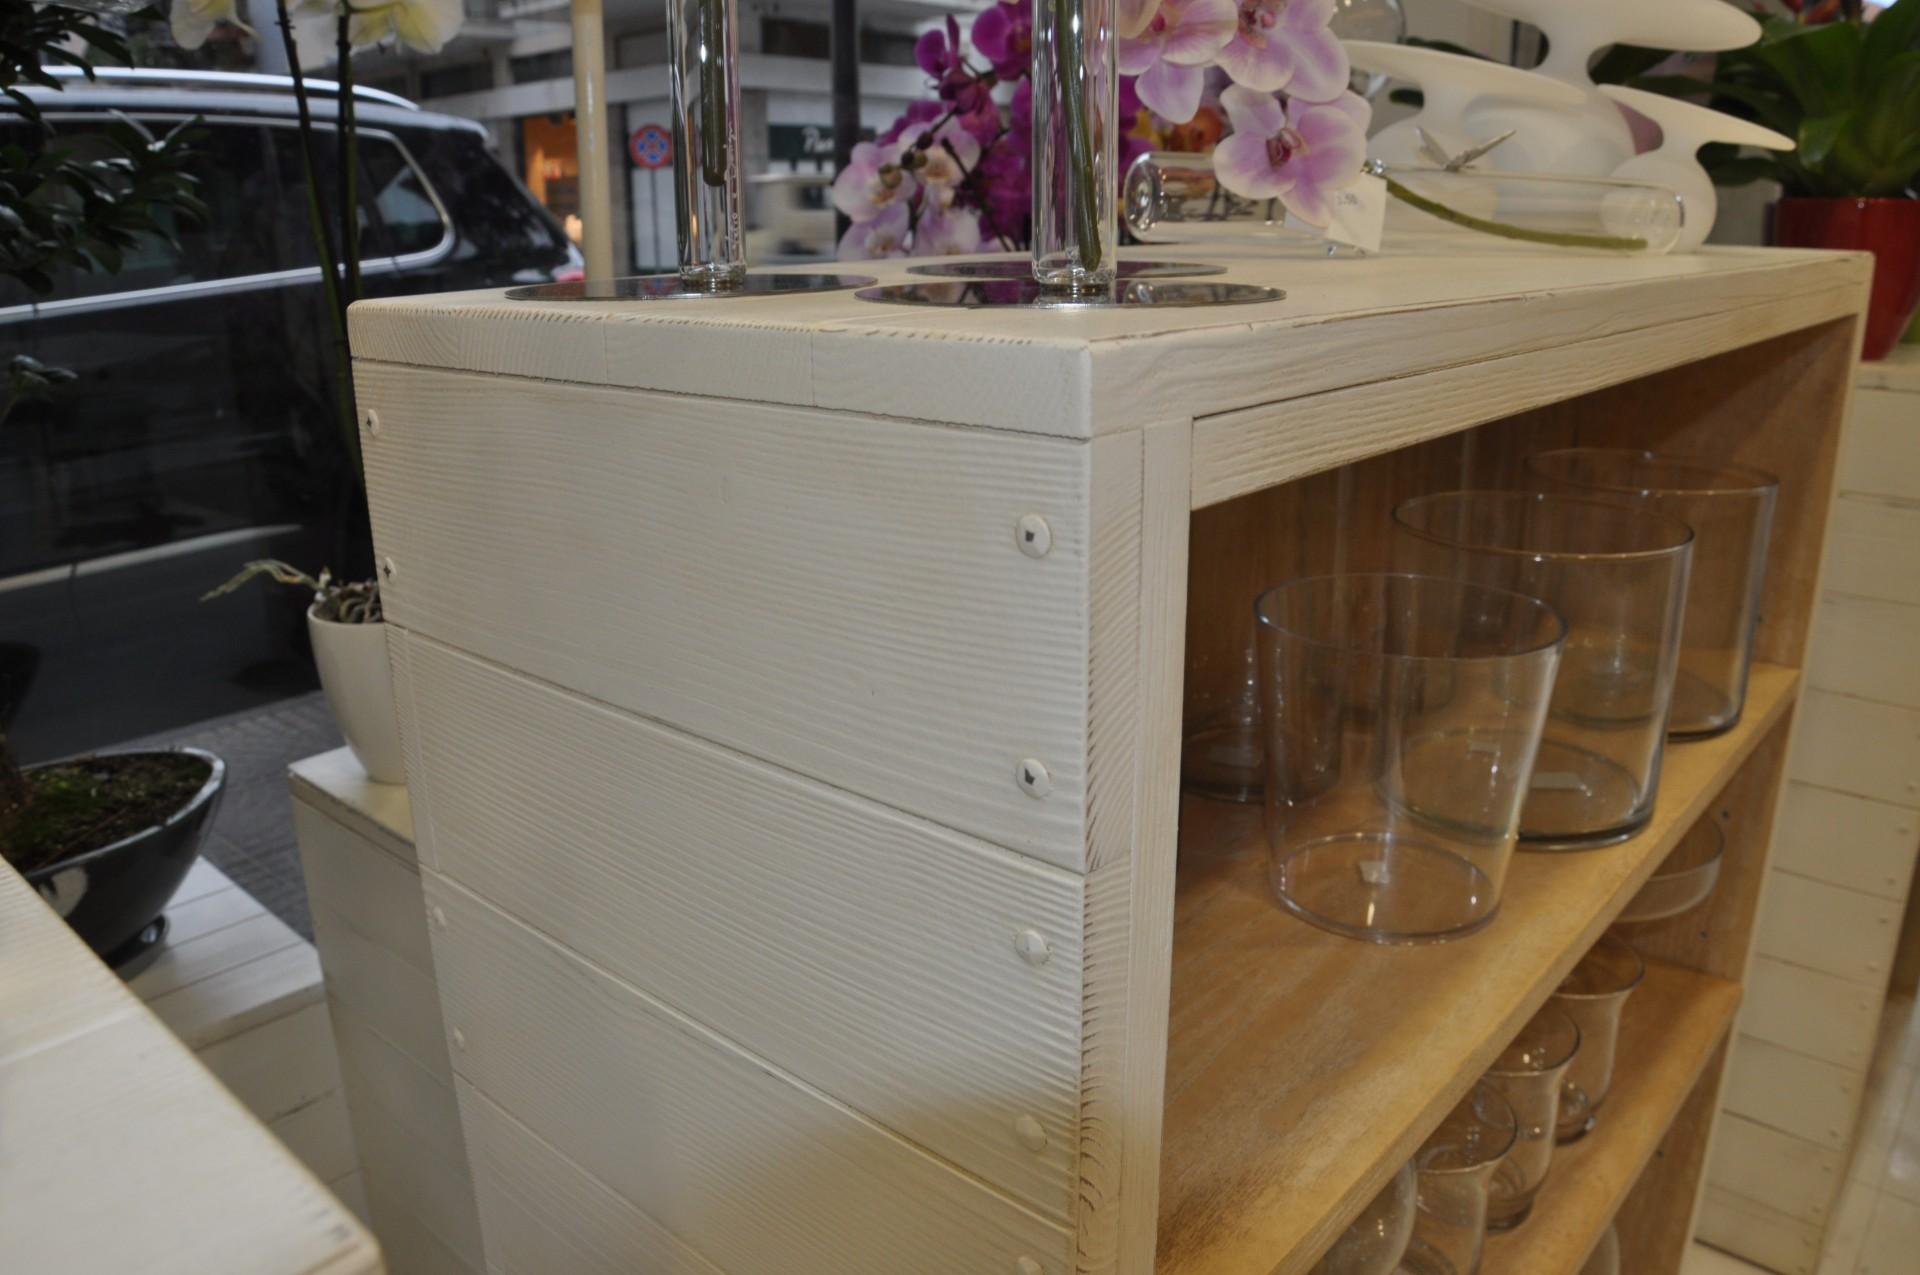 Bancone In Legno Per Negozio : Arredamento in legno per negozio di fiori fadini mobili cerea verona